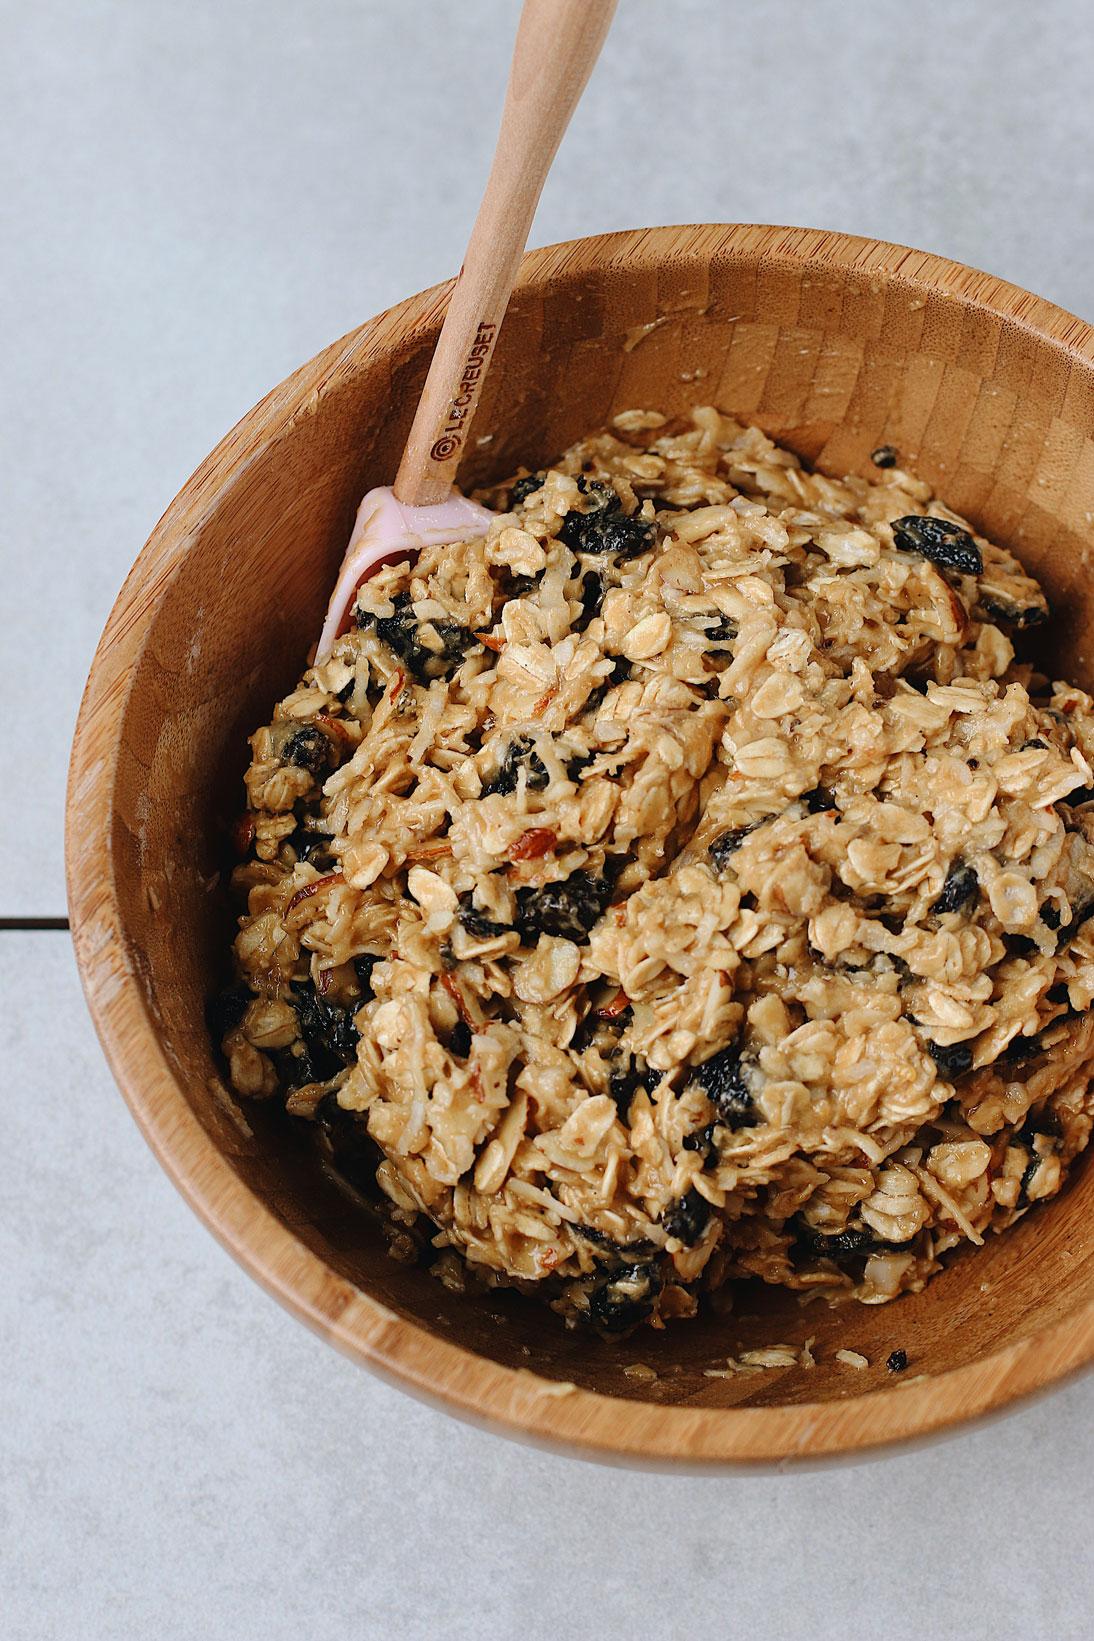 granola-biscotti-prep-mixing-dough